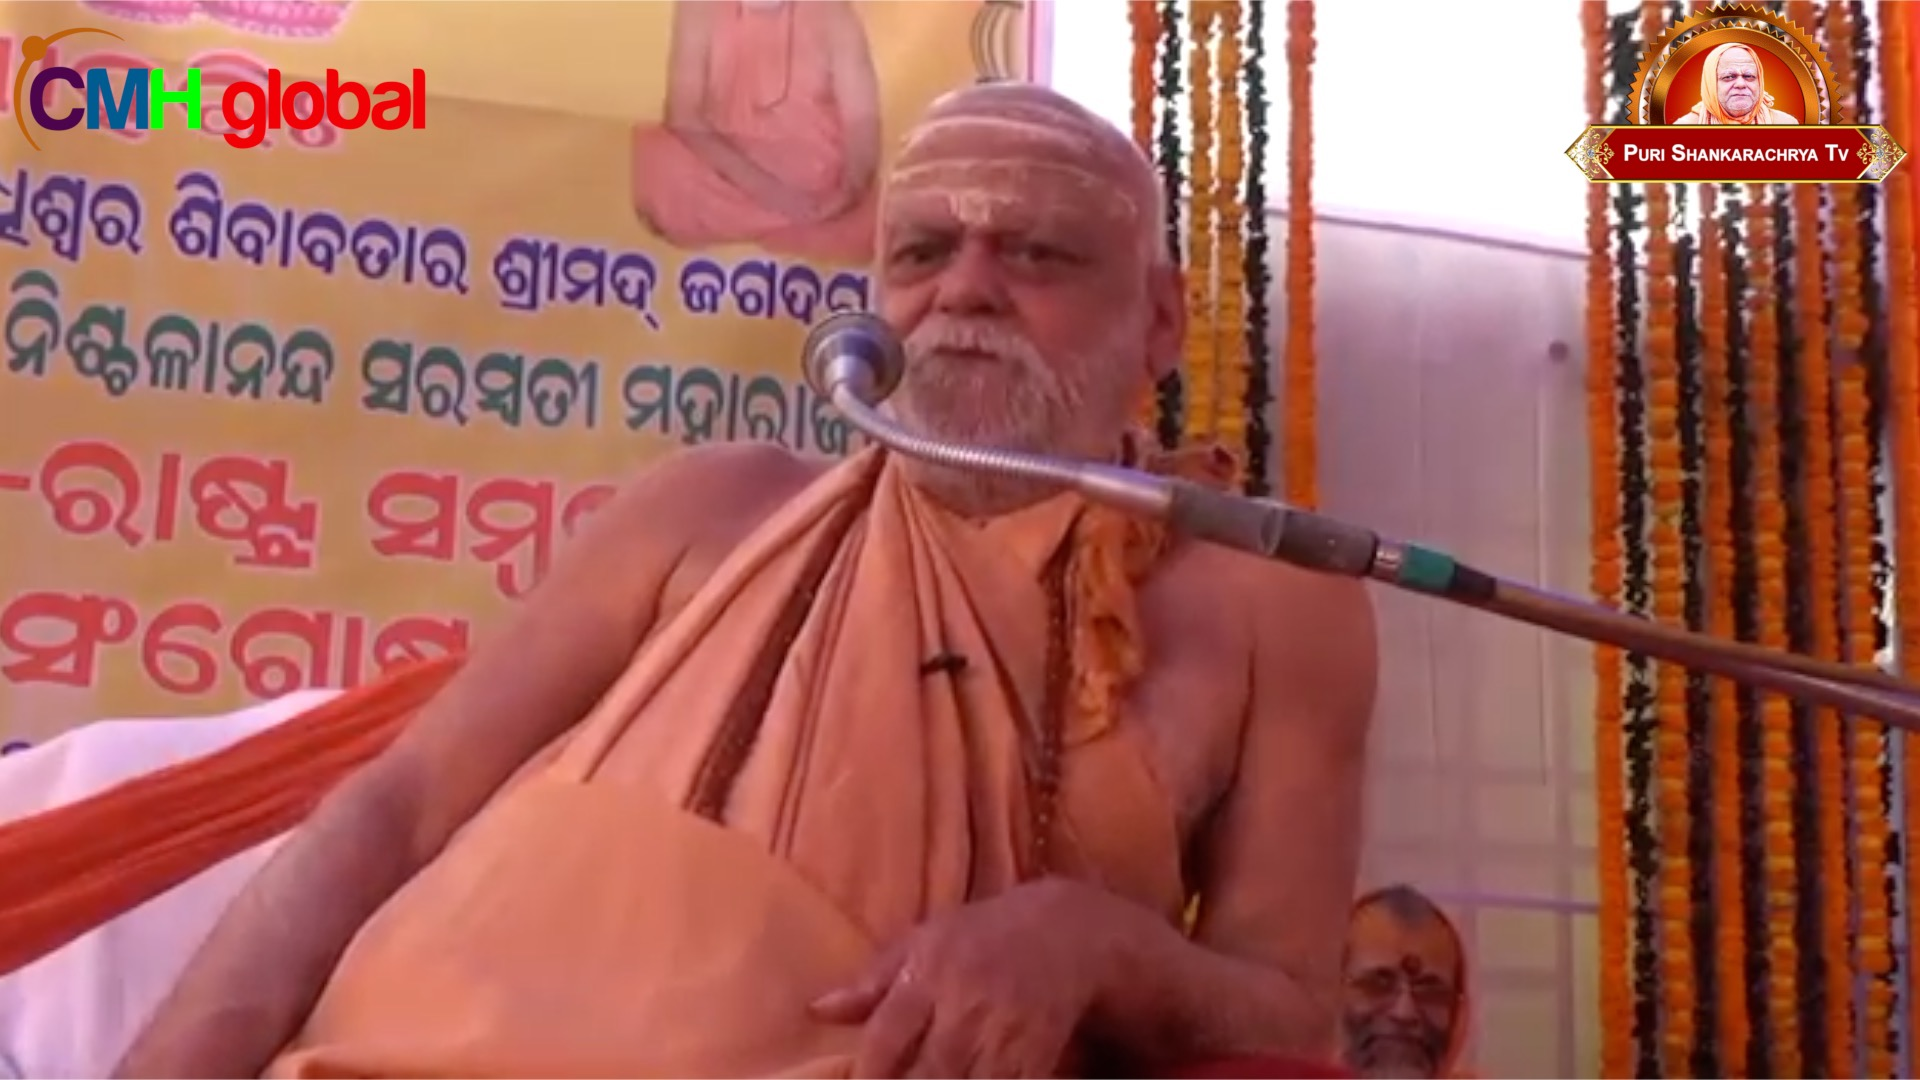 Gyan Dhara Ep -05 by Puri Shankaracharya Swami Nishchalananda Saraswati Ji